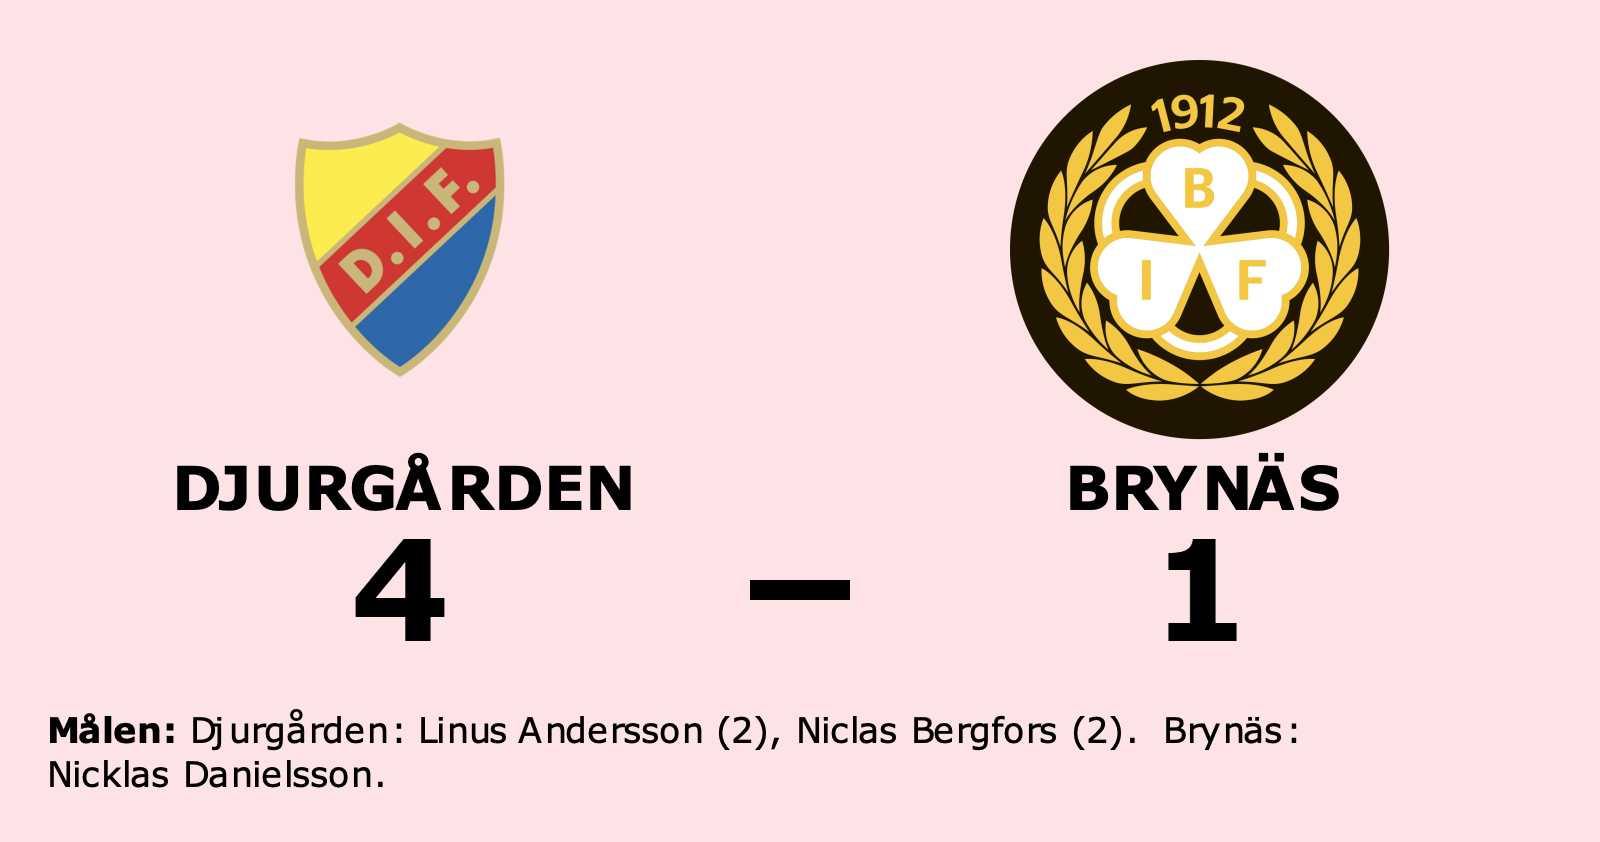 Nicklas Danielsson enda målskytt när Brynäs föll